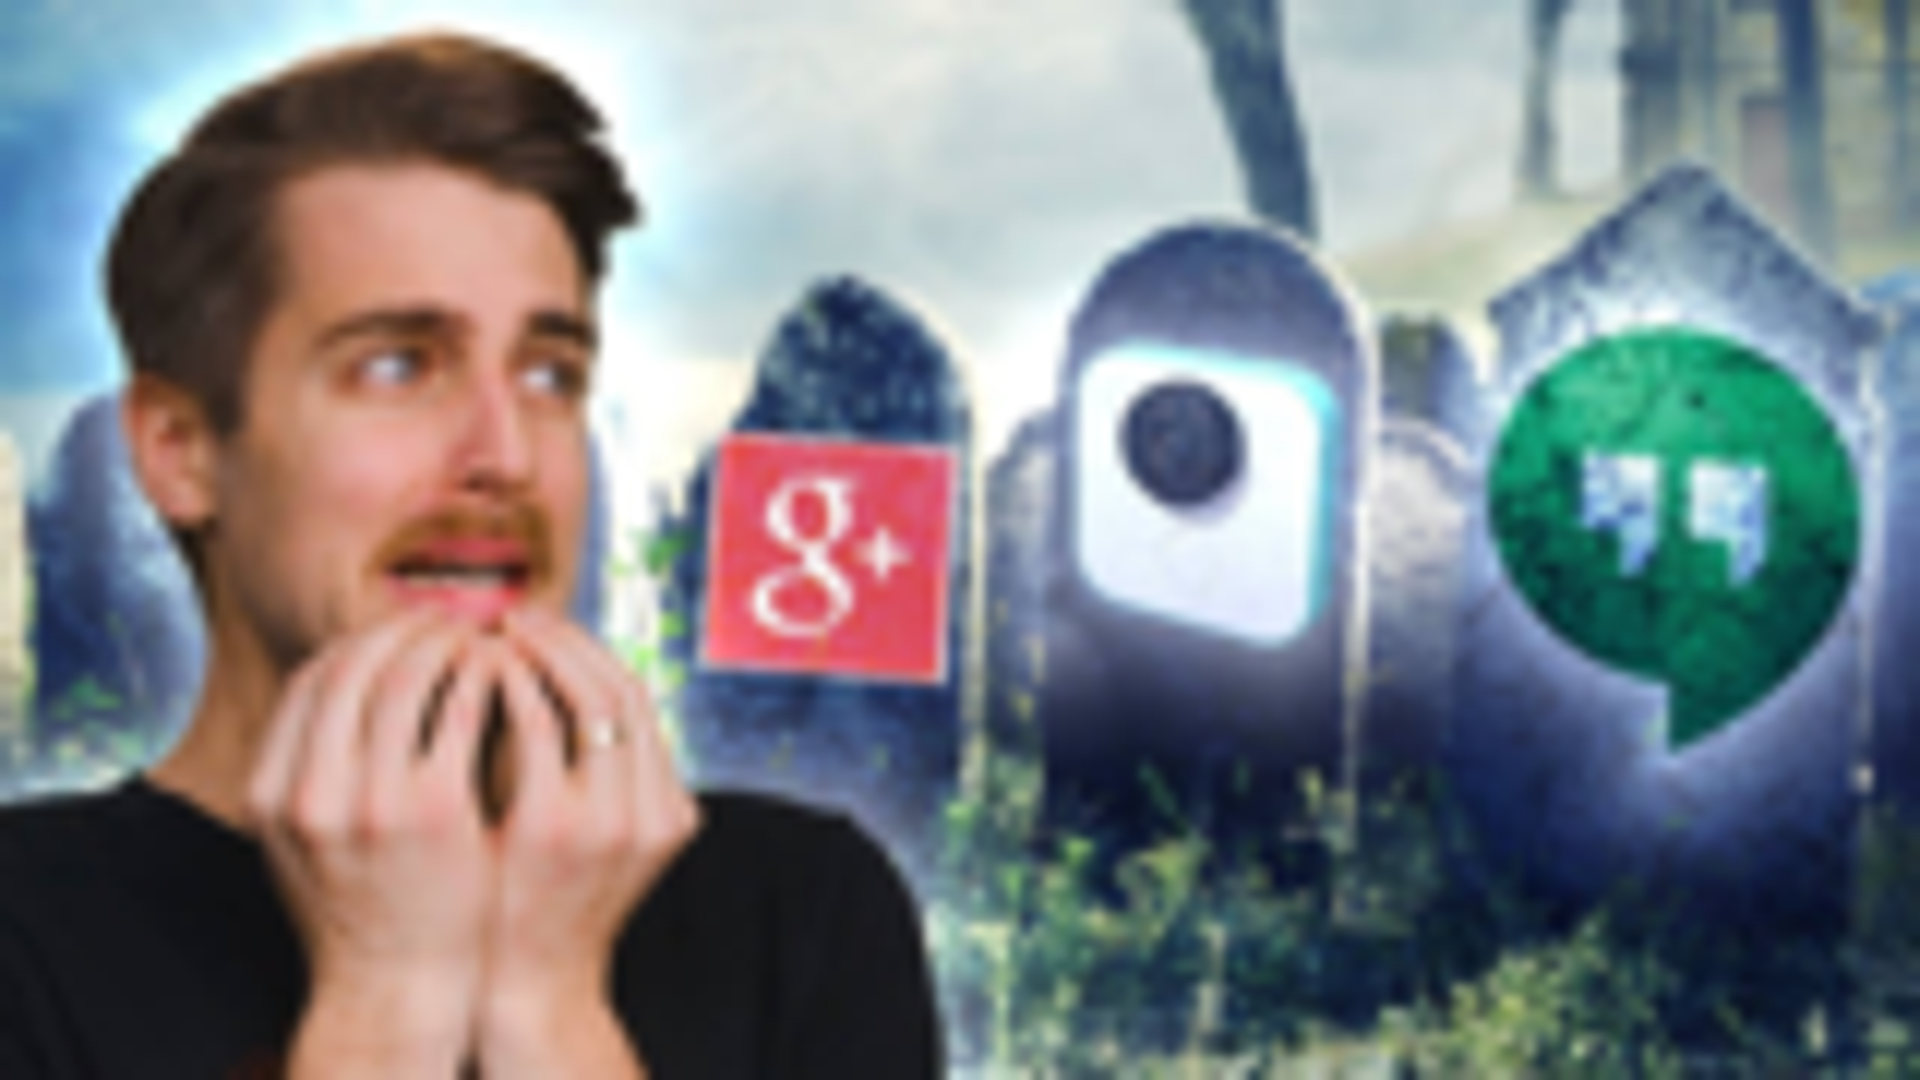 【官方双语】聊一聊被谷歌砍掉的产品 #电子速谈